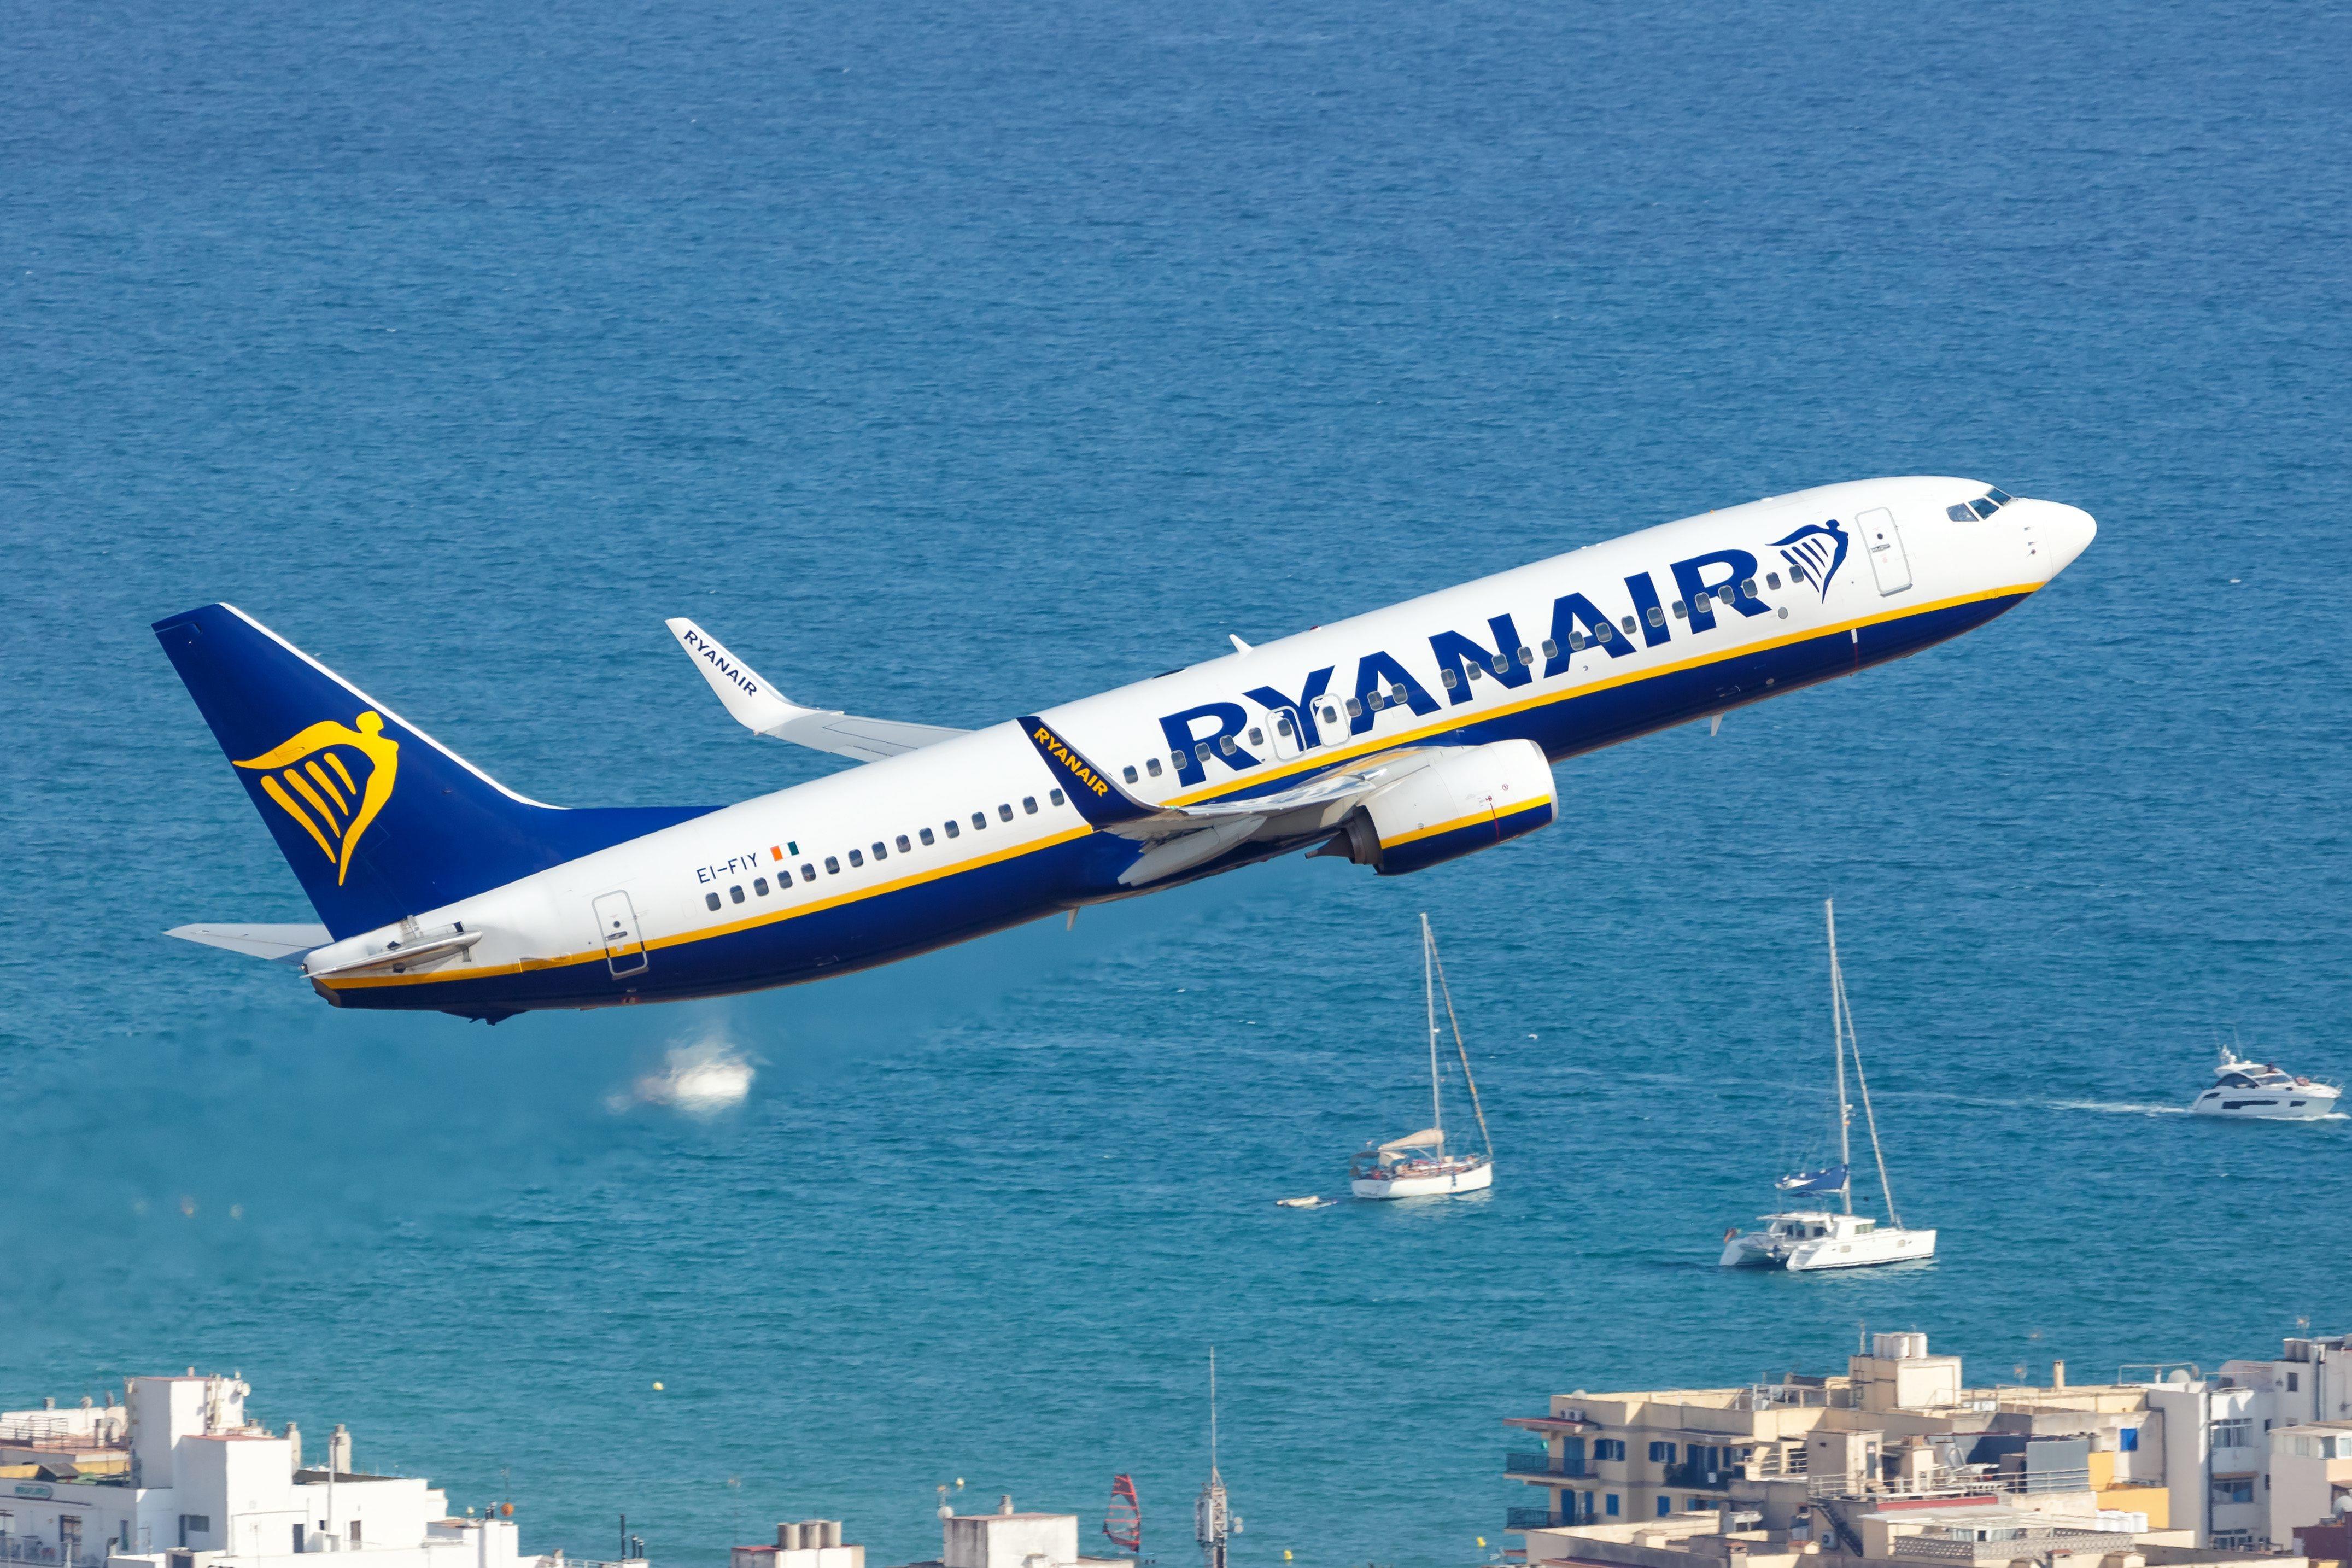 150 millió forintra büntette a Ryanairt Budapest Főváros Kormányhivatala